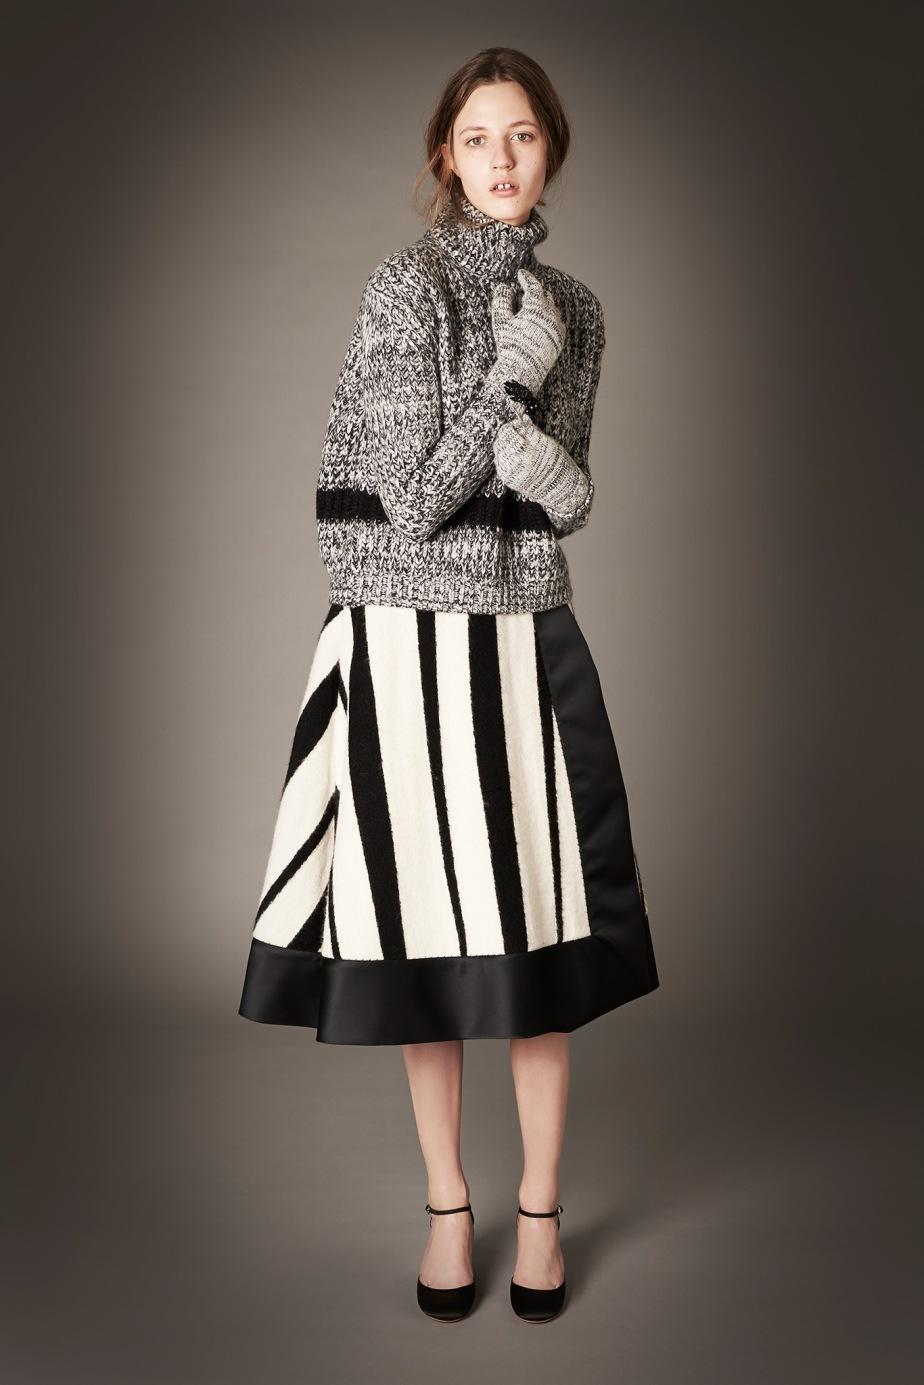 High-Neck-Sweaters-2015-2016-Women's-Knitwear-10